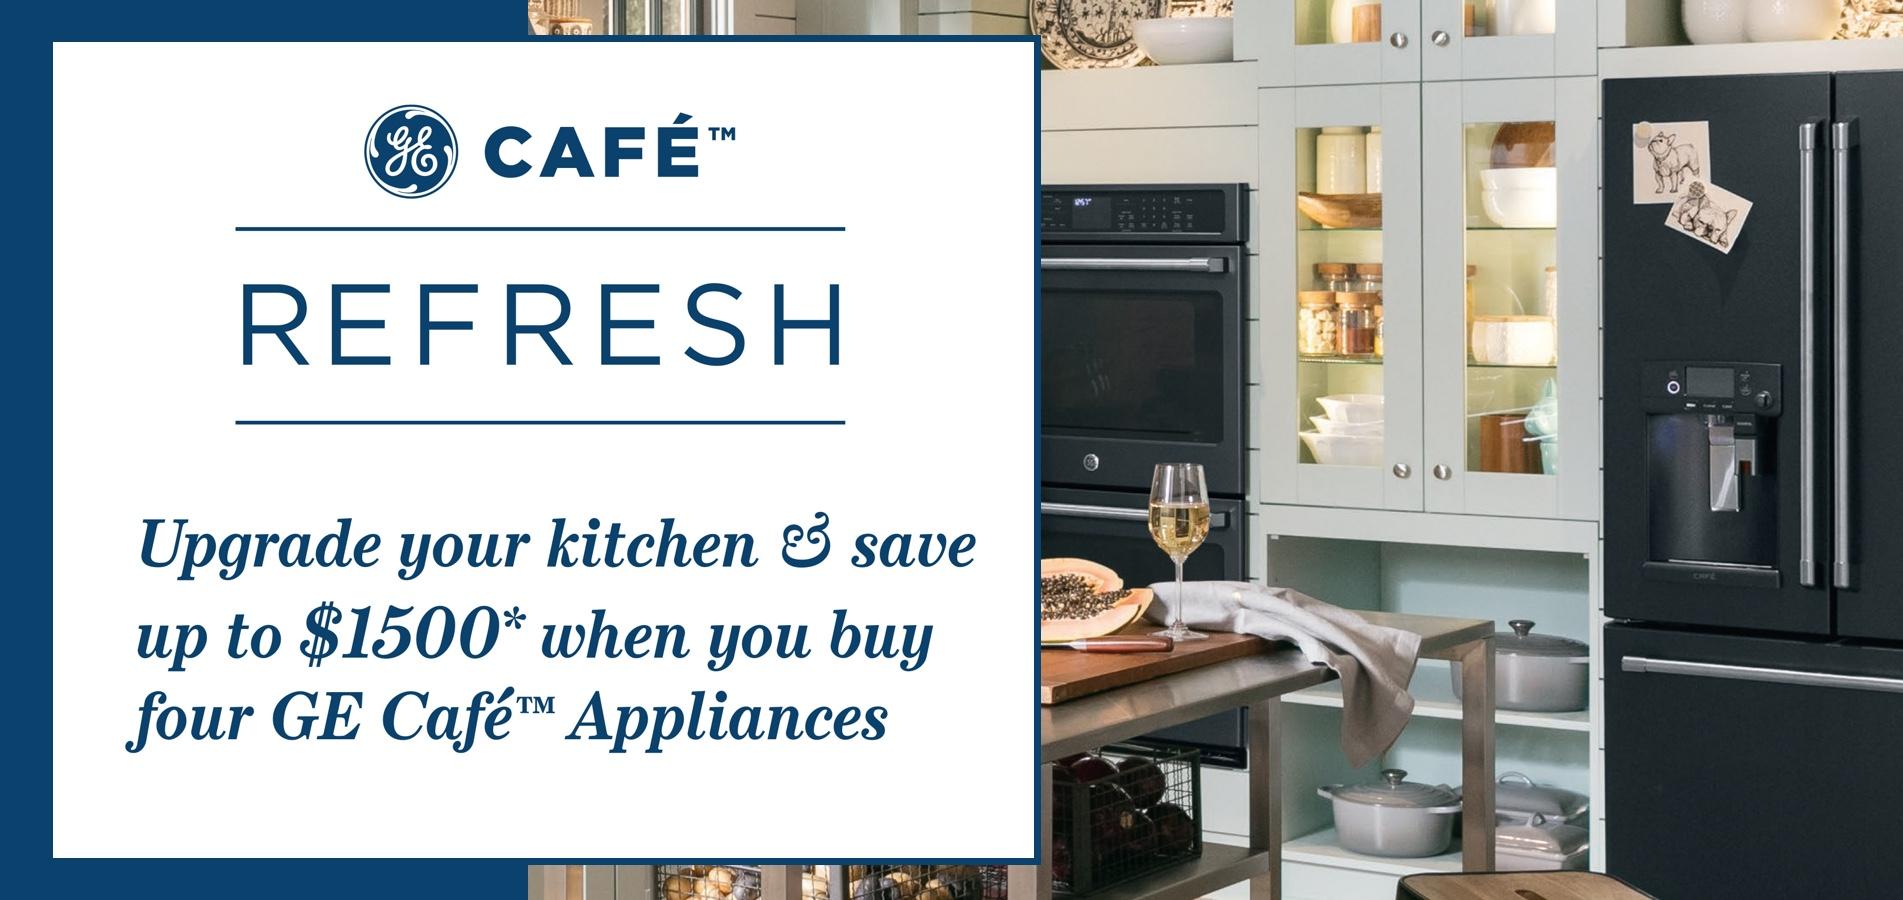 GE Cafe Refresh